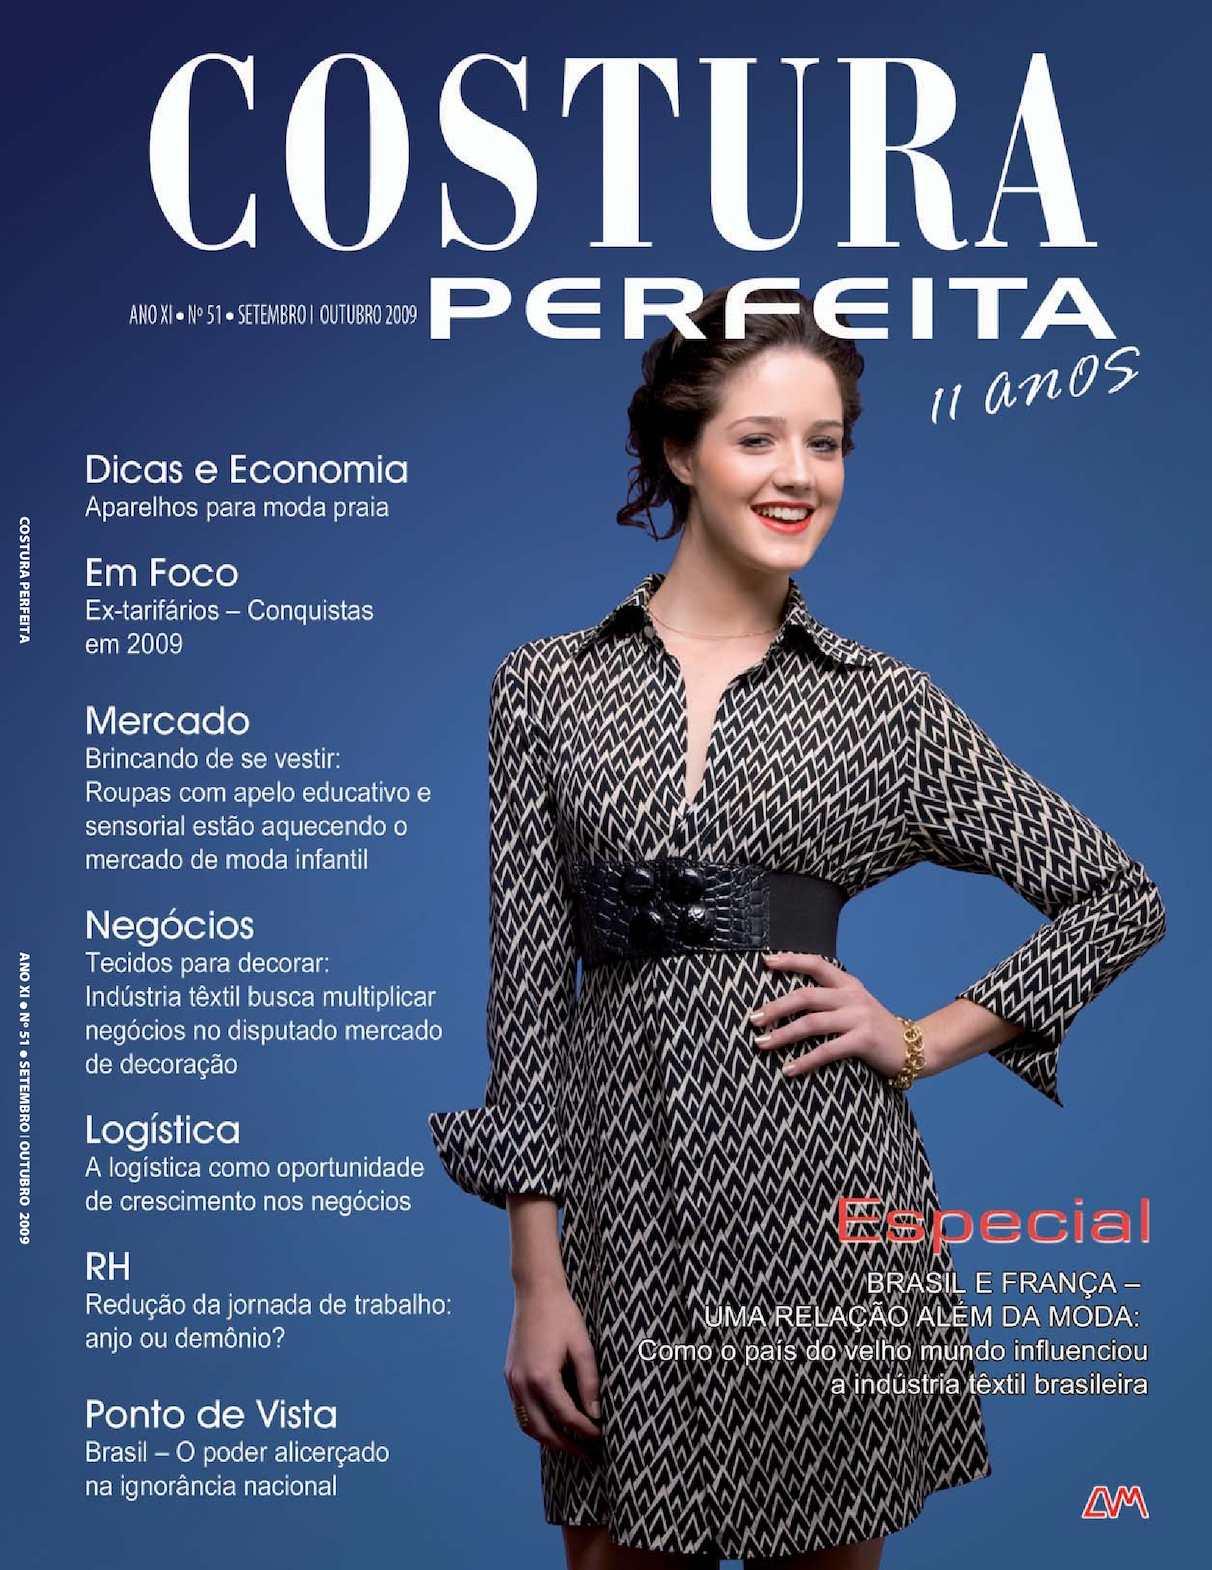 Calaméo - Revista Costura Perfeita Edição Ano XI - N51 - Setembro-Outubro  2009 5e8640aa4c